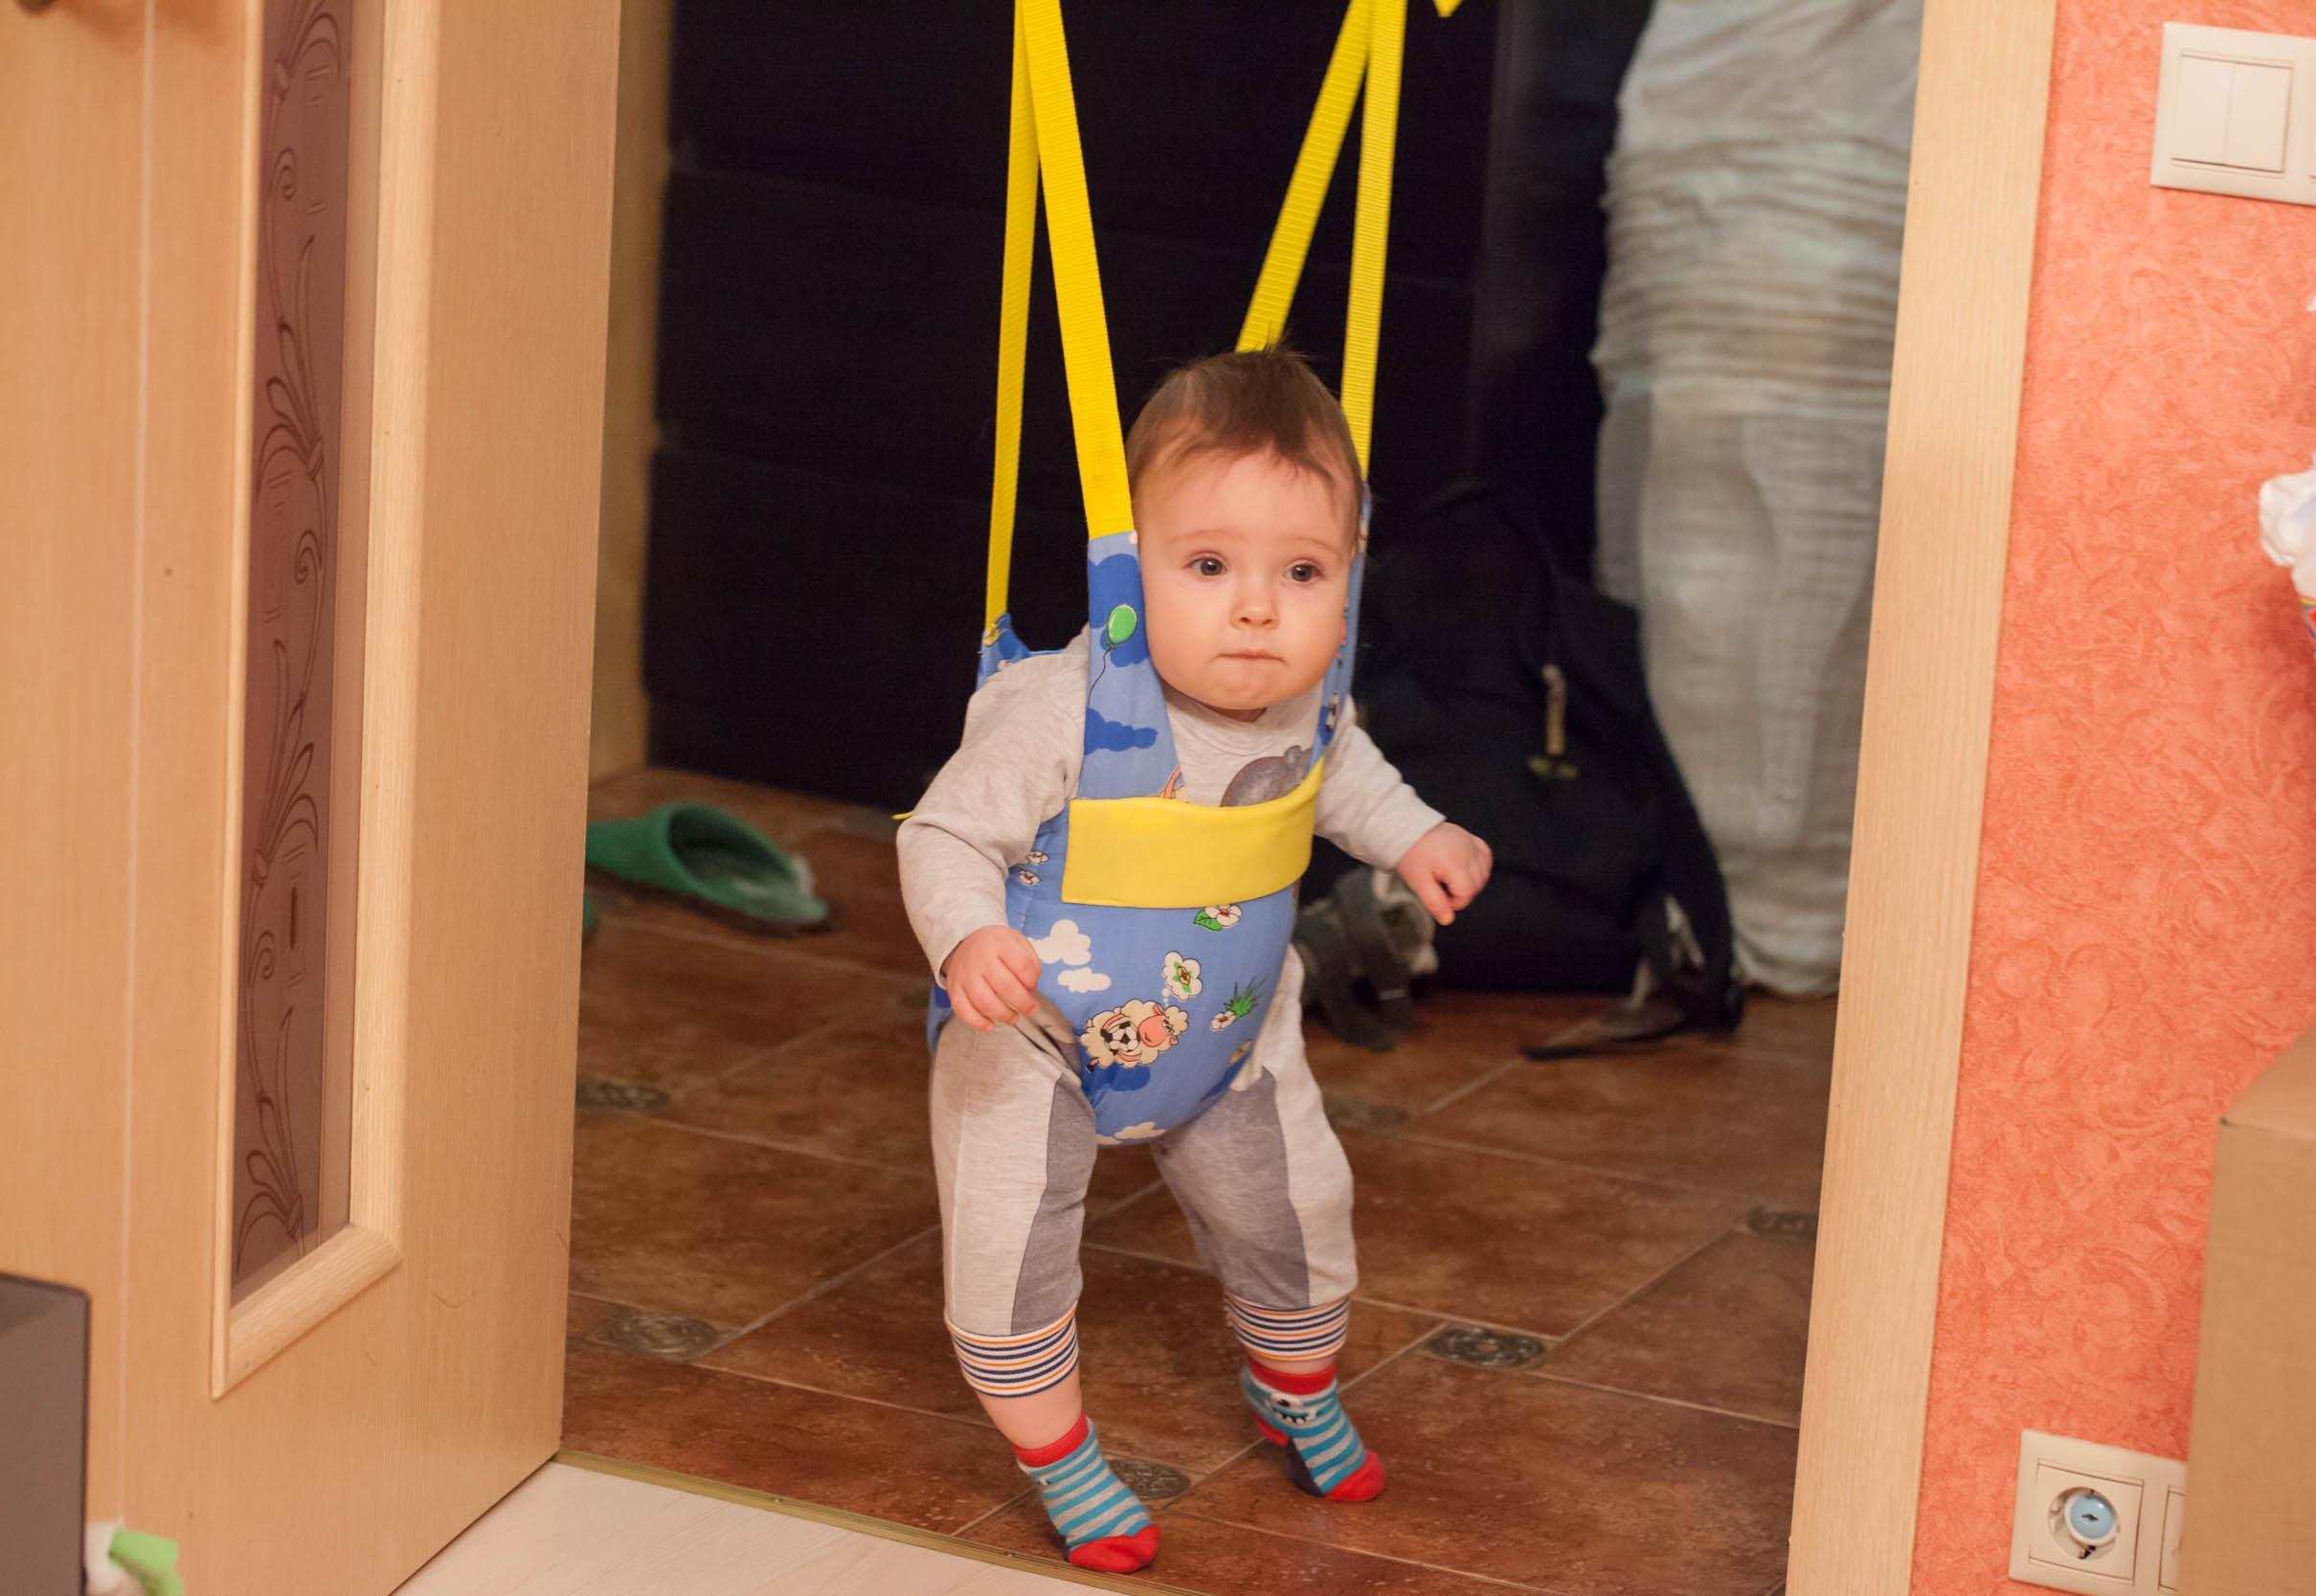 Прыгунки для ребенка: необходимость или модный девайс